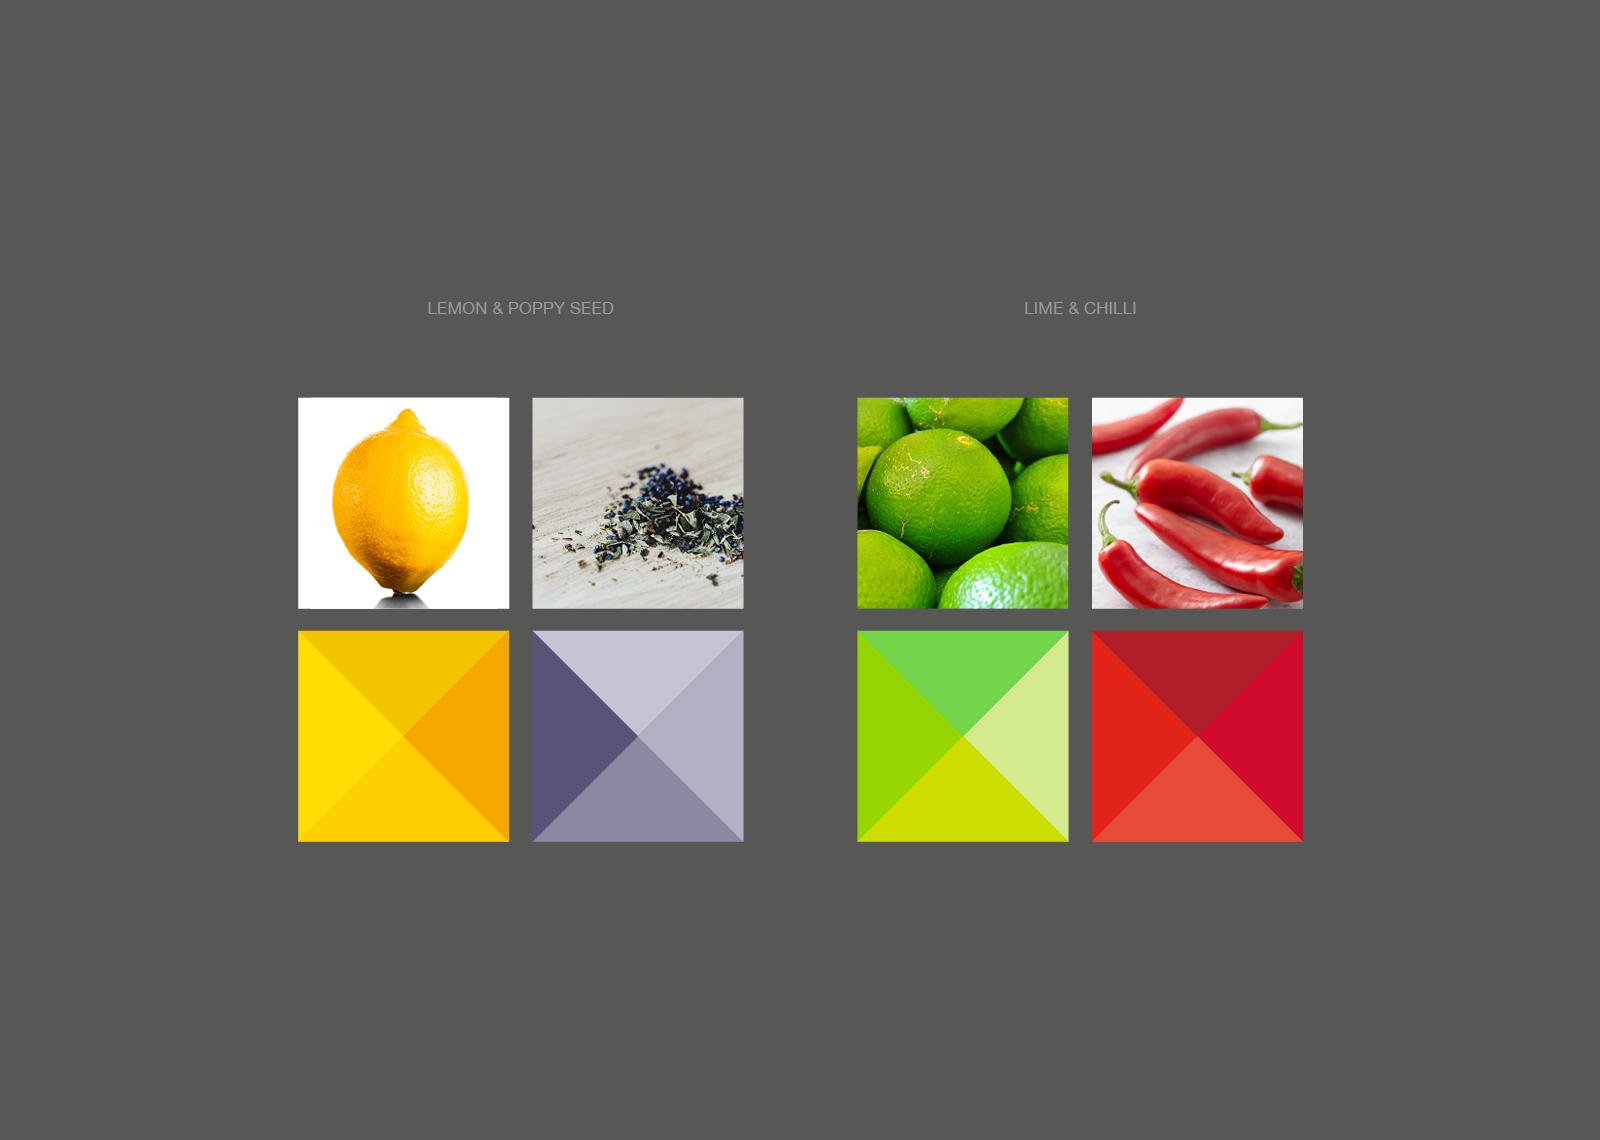 WeeChoco-Brand-And-Packaging-Design-Sean-Greer-Brand-And-Website-Design-Belfast-11.jpg